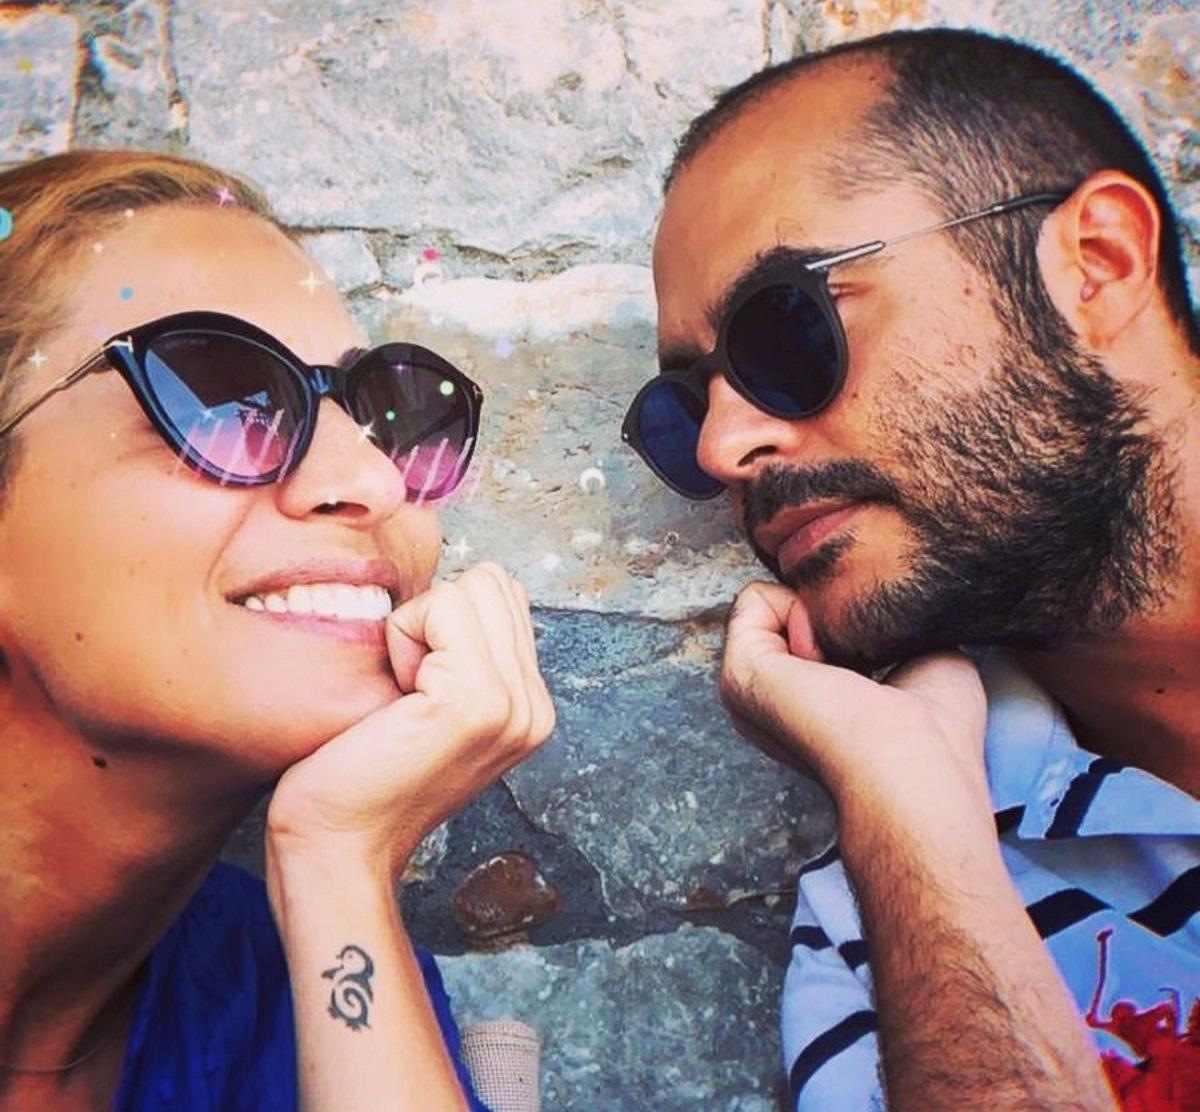 """Μαρία Ηλιάκη: """"Εγώ και εσύ"""" – Η τρυφερή ανάρτηση του συντρόφου της [pic]"""